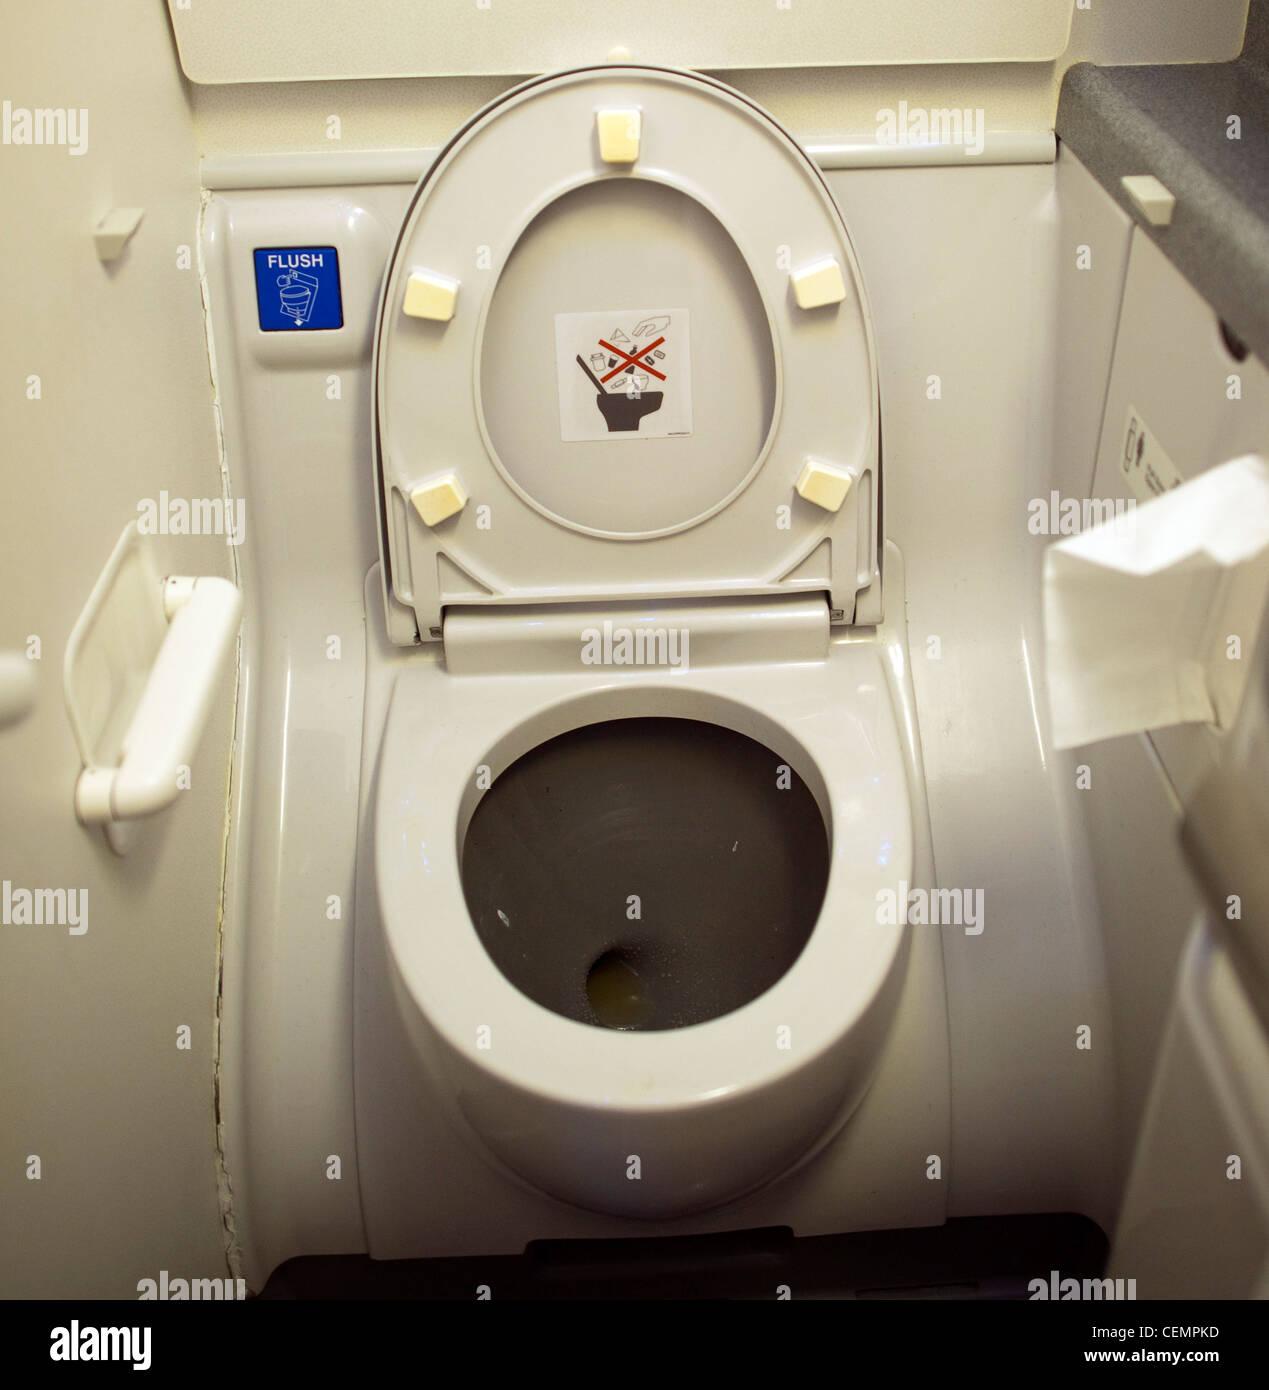 Plane Toilet Stock Photos & Plane Toilet Stock Images - Alamy